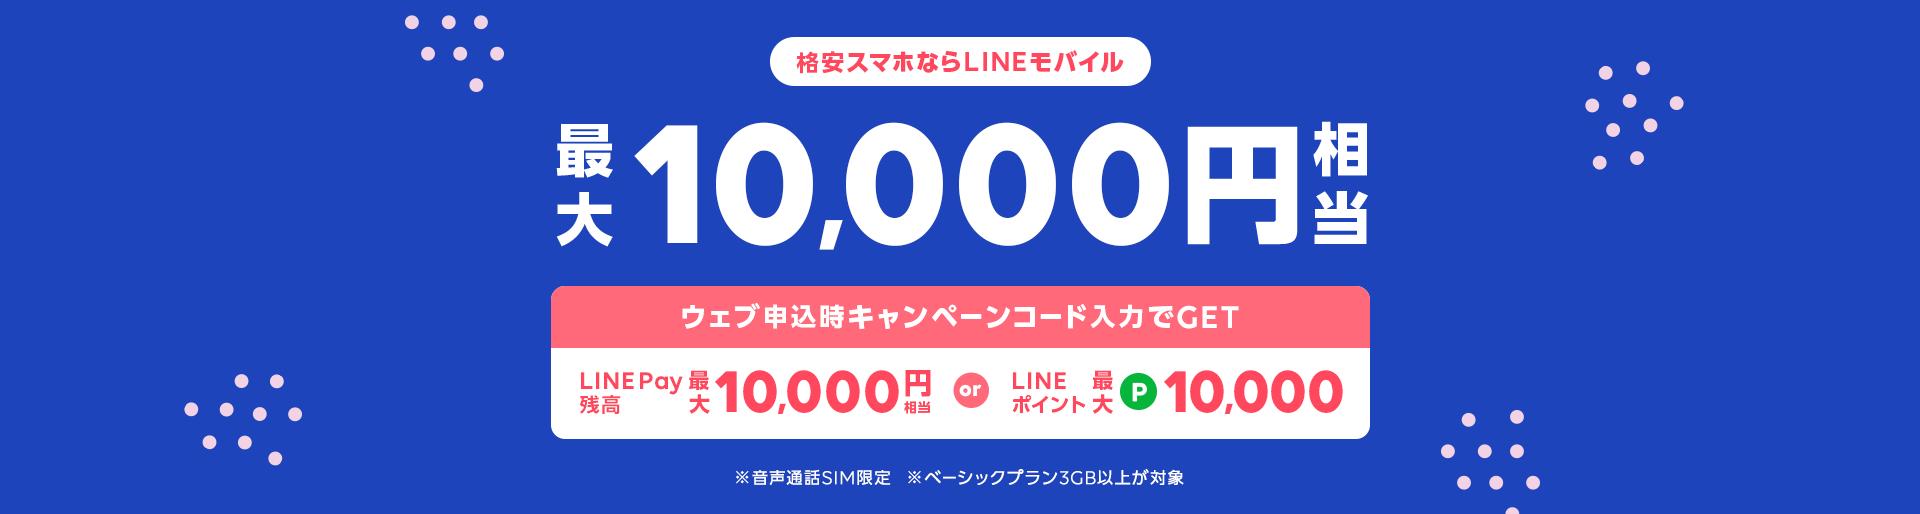 格安スマホならLINEモバイル ウェブ申込時キャンペーンコード入力でGET LINE Pay残高 最大10,000円相当 orLINEポイント最大P10,000